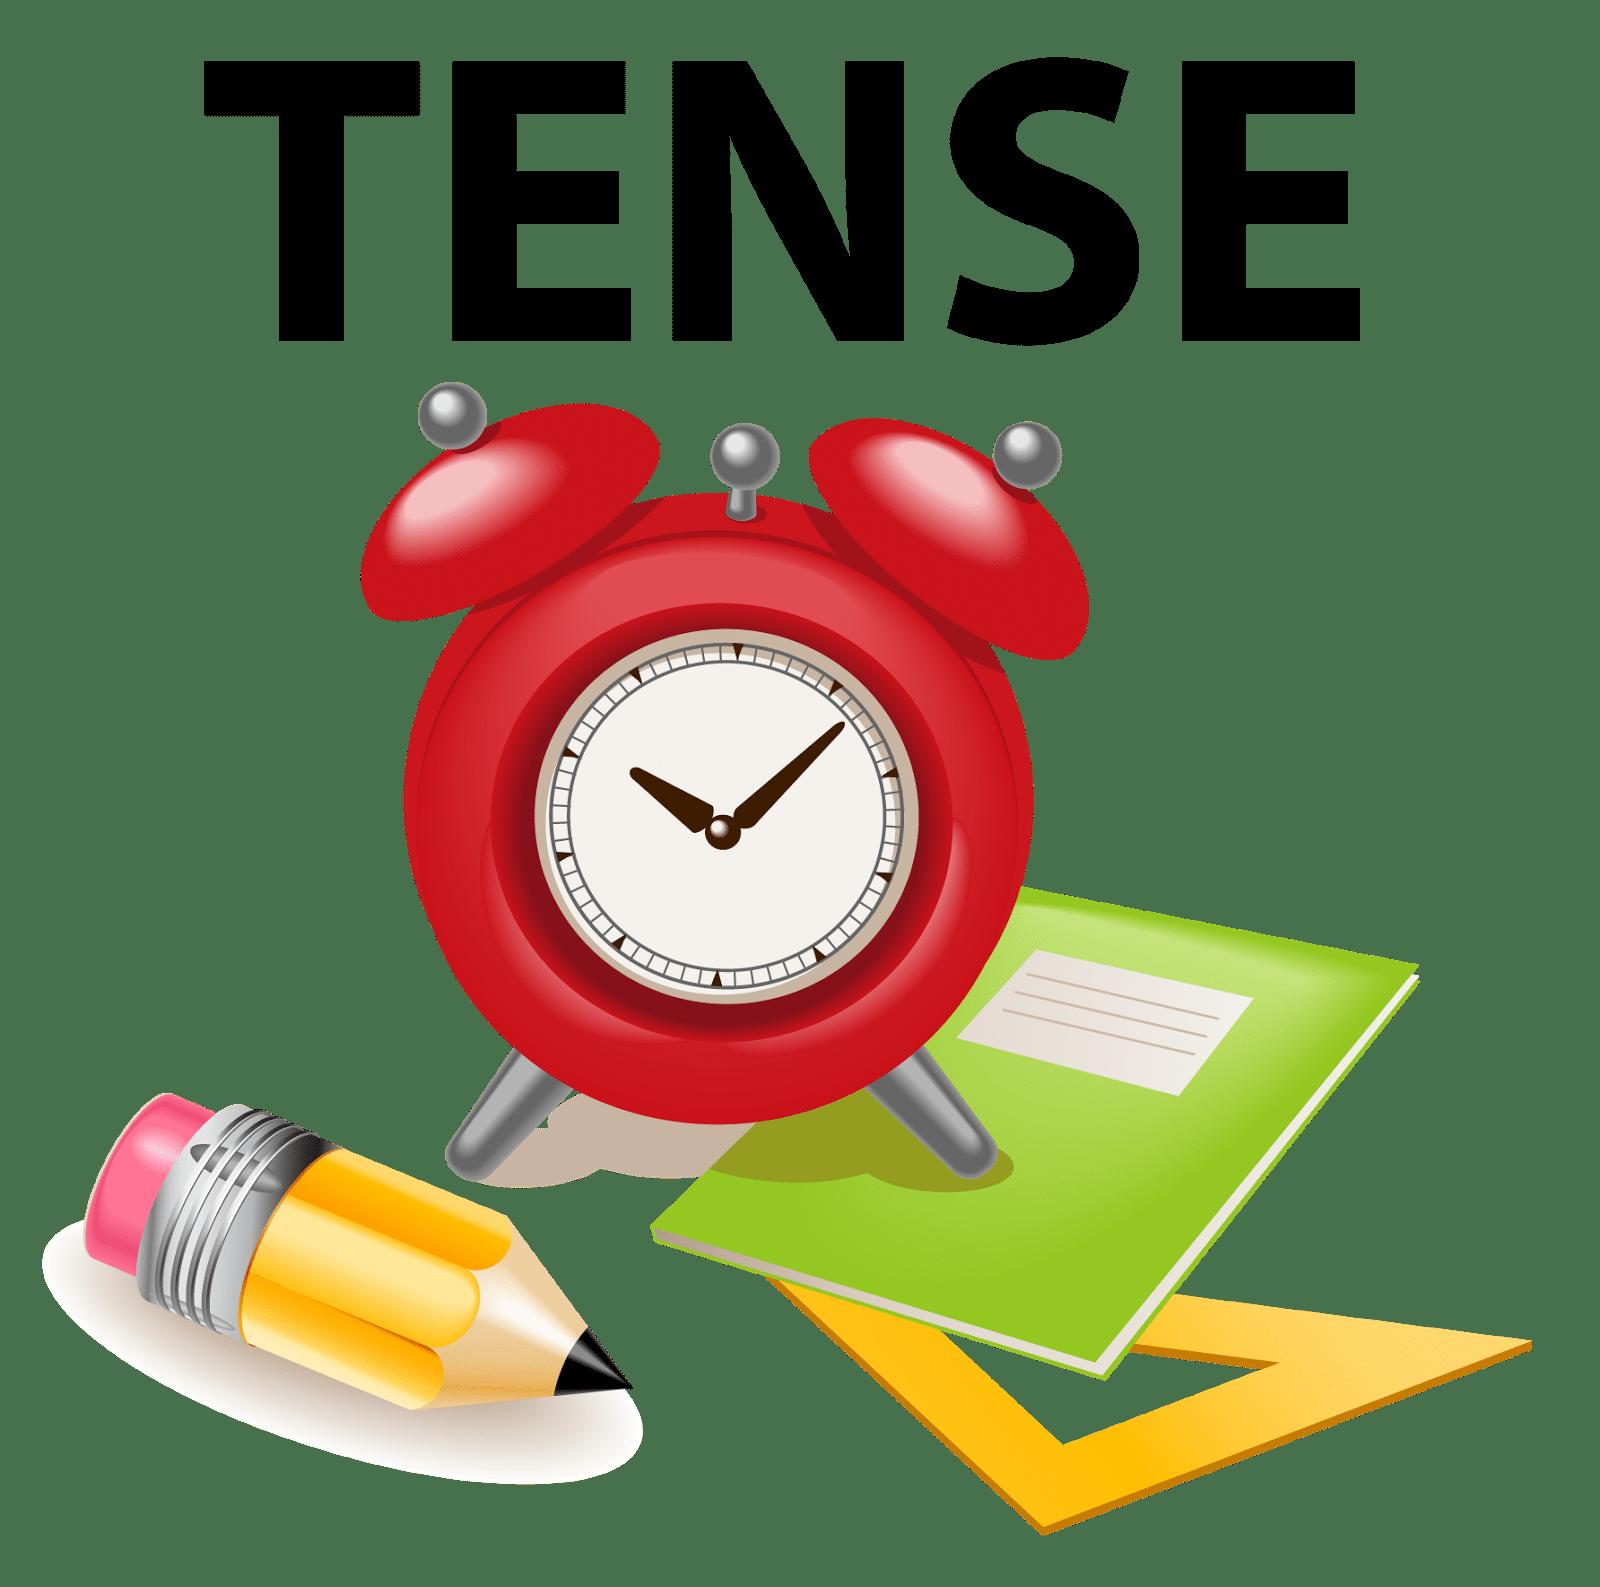 fungsi tense